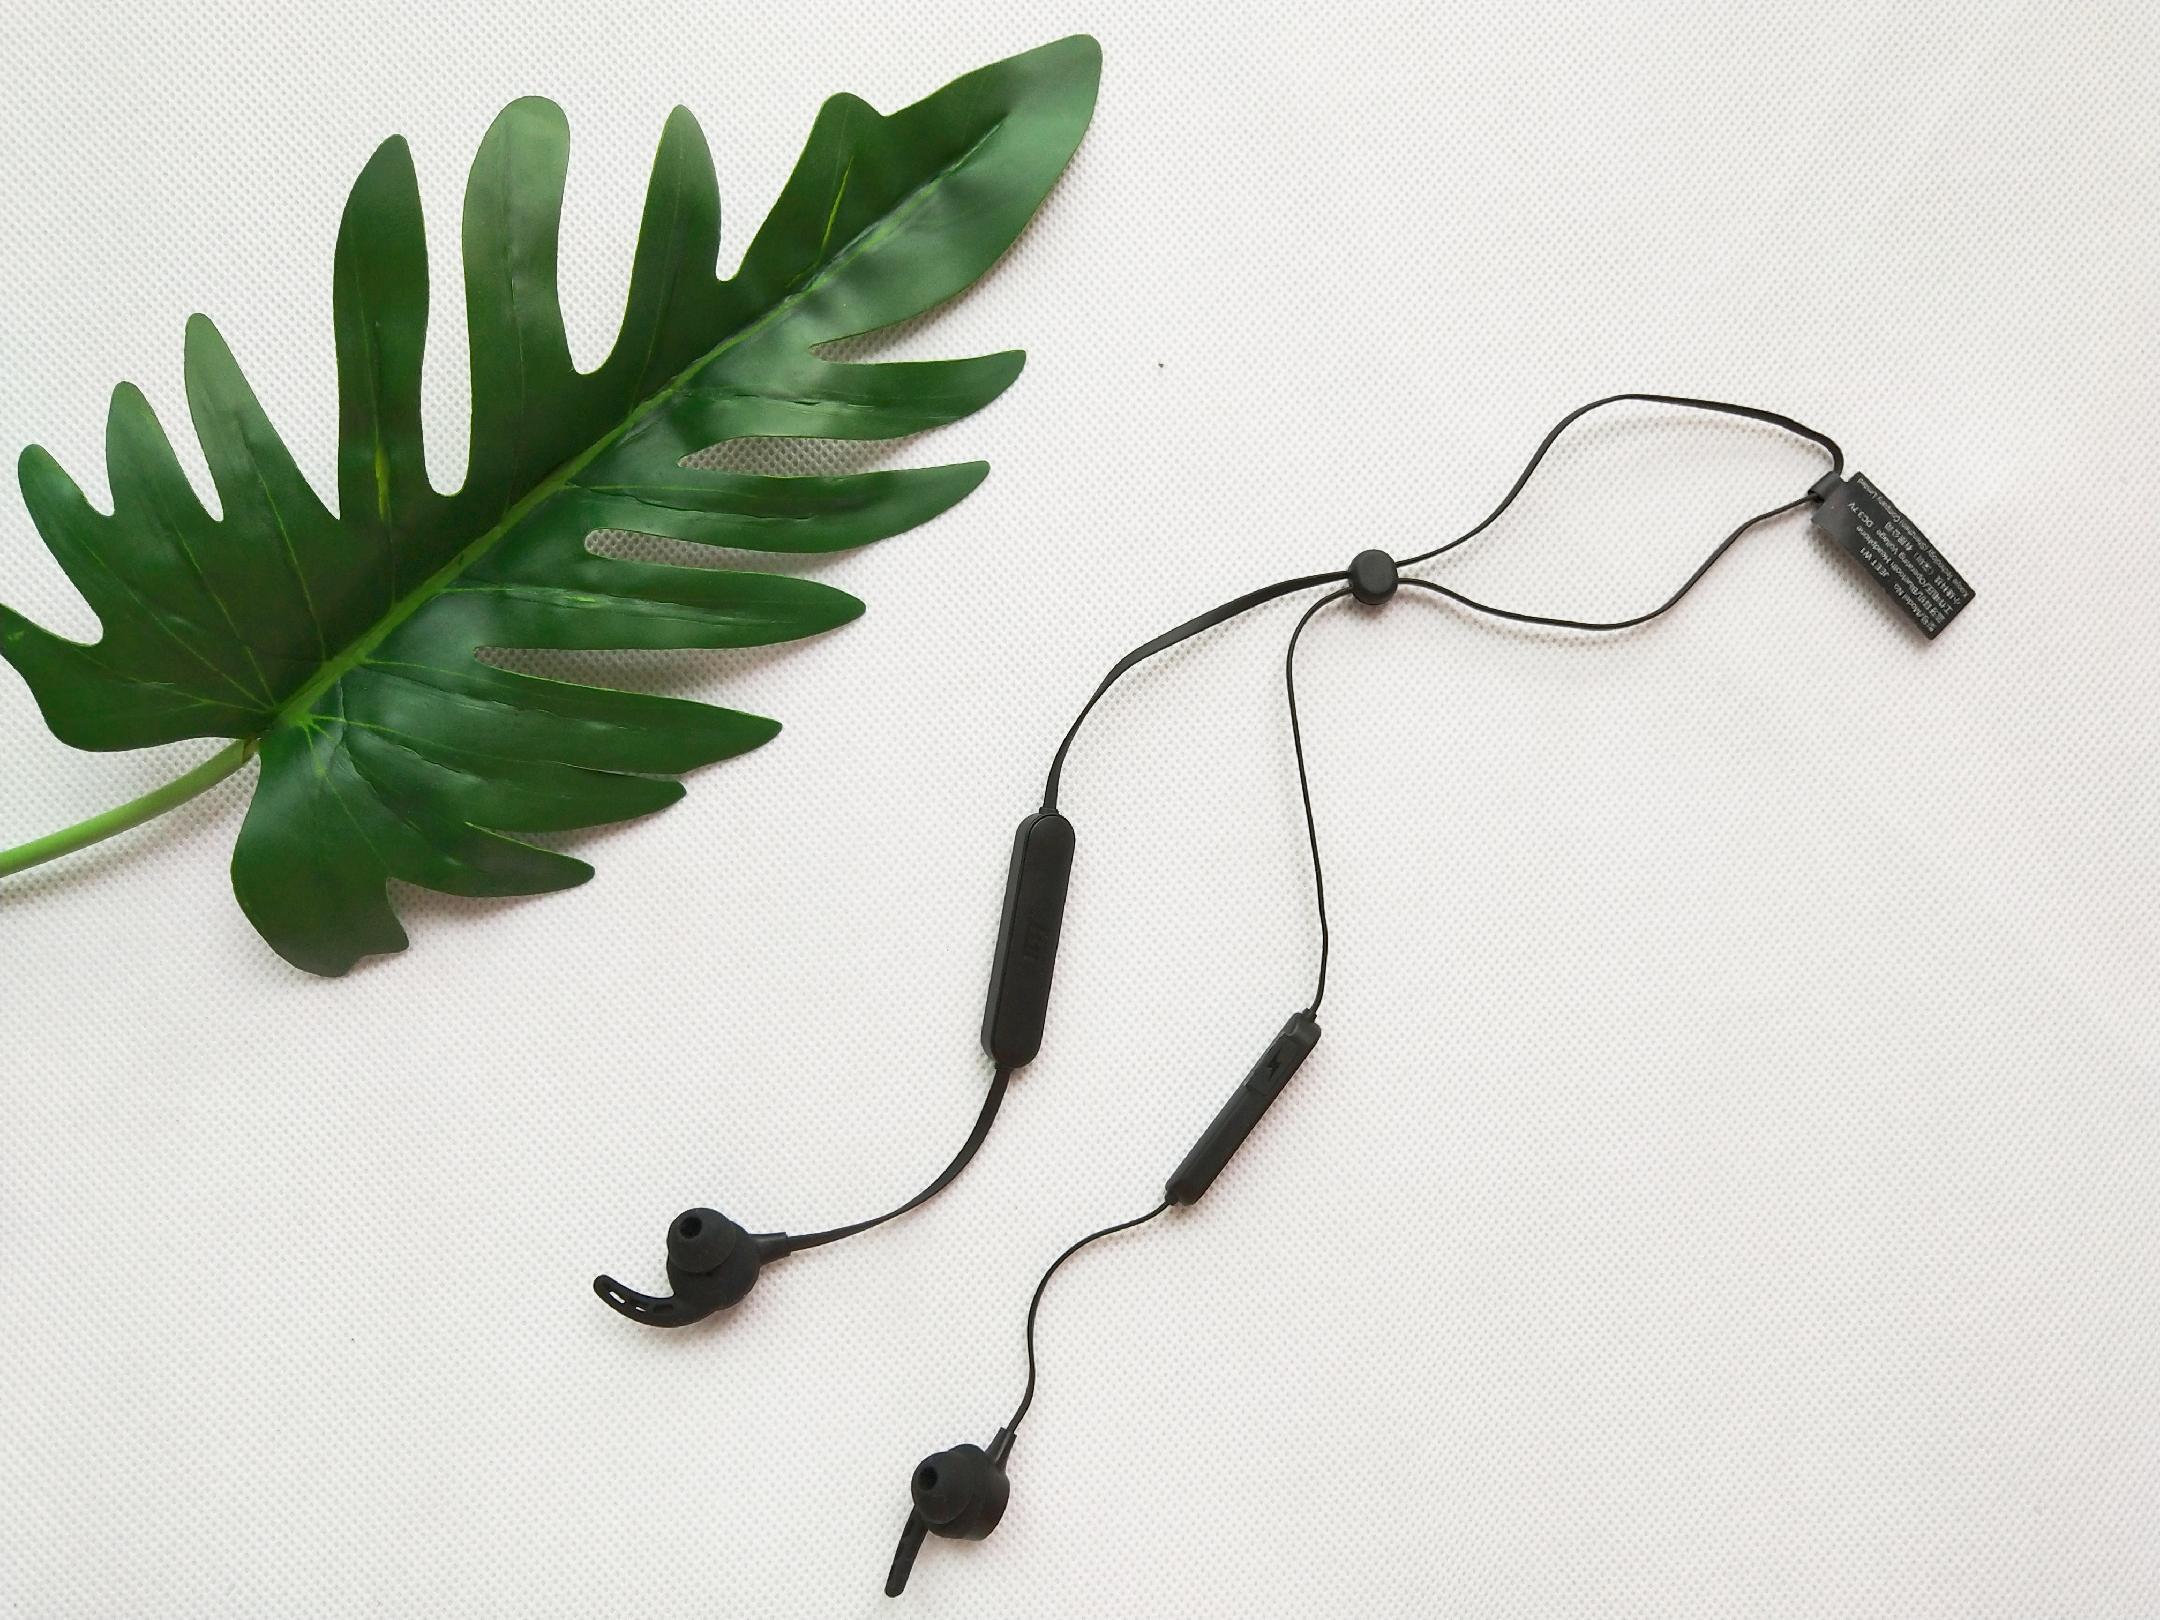 全球热门耳机榜单:销量最火的十大蓝牙耳机品牌